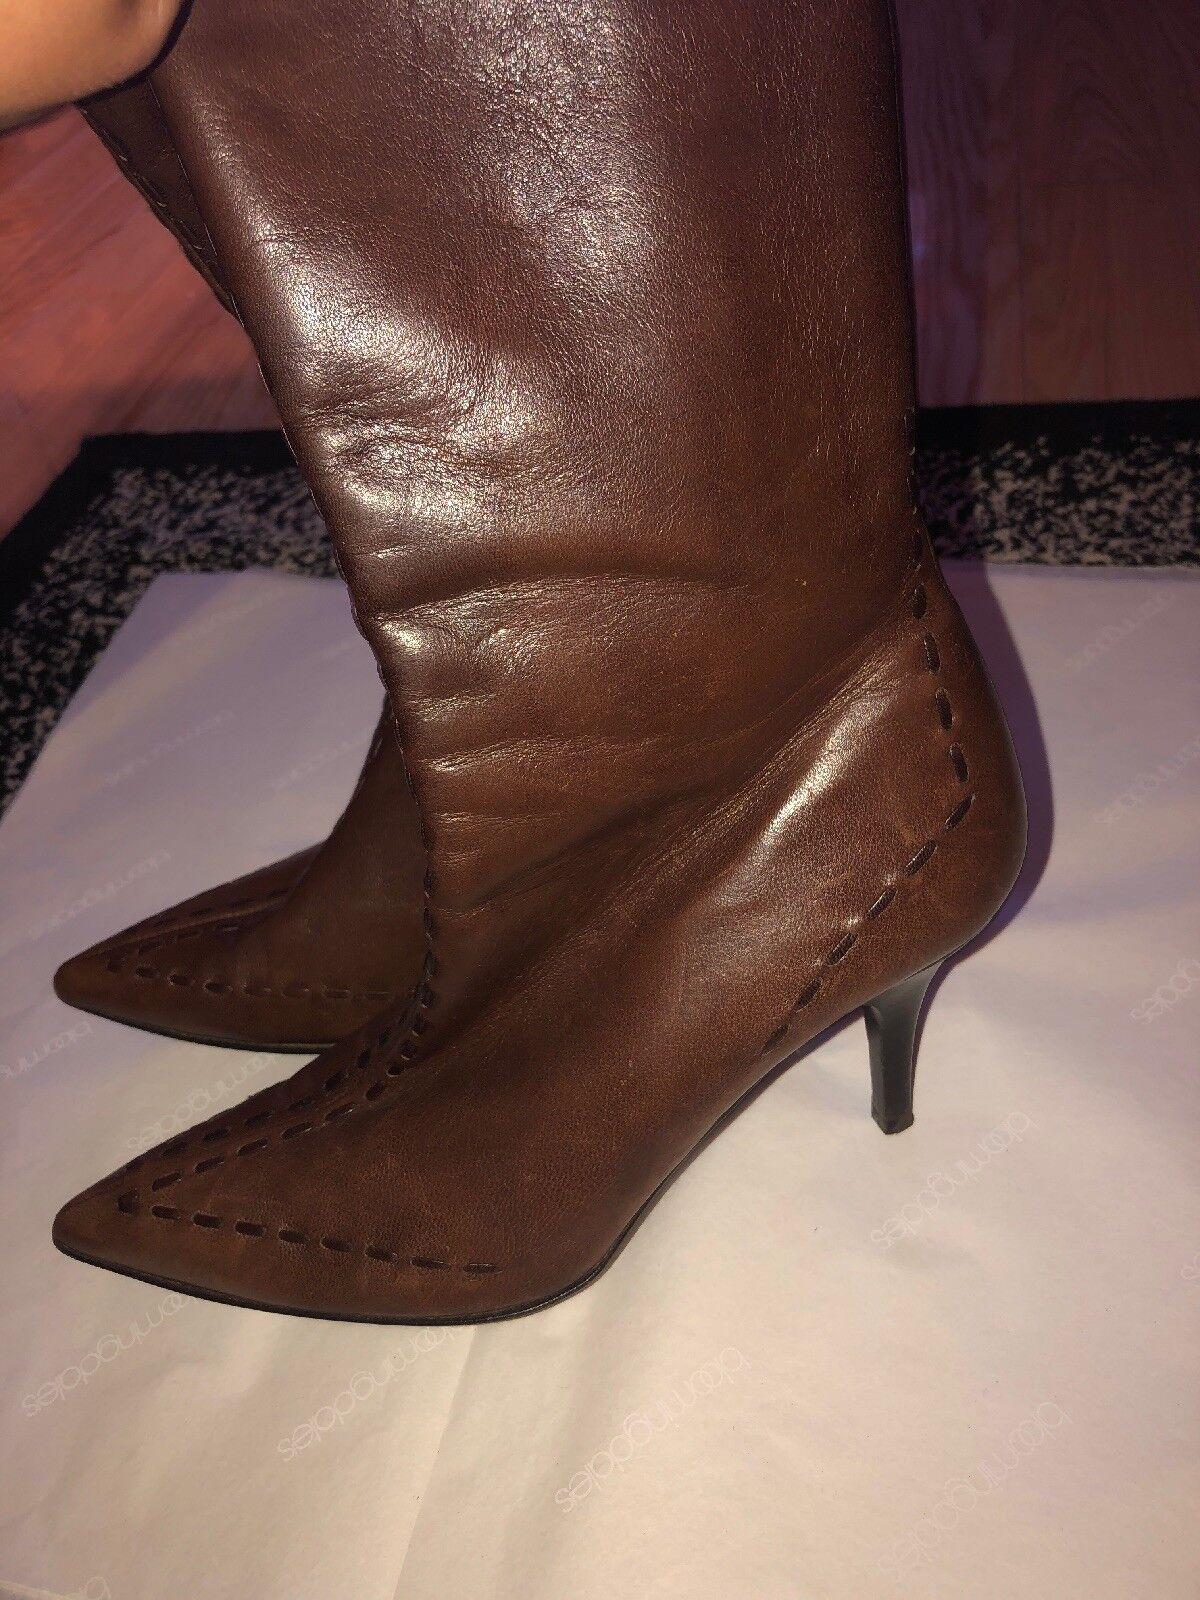 Banfi Zambrelli Braun Leder booties 7.5 with full zipper Größe 7.5 booties Made In  c0a055